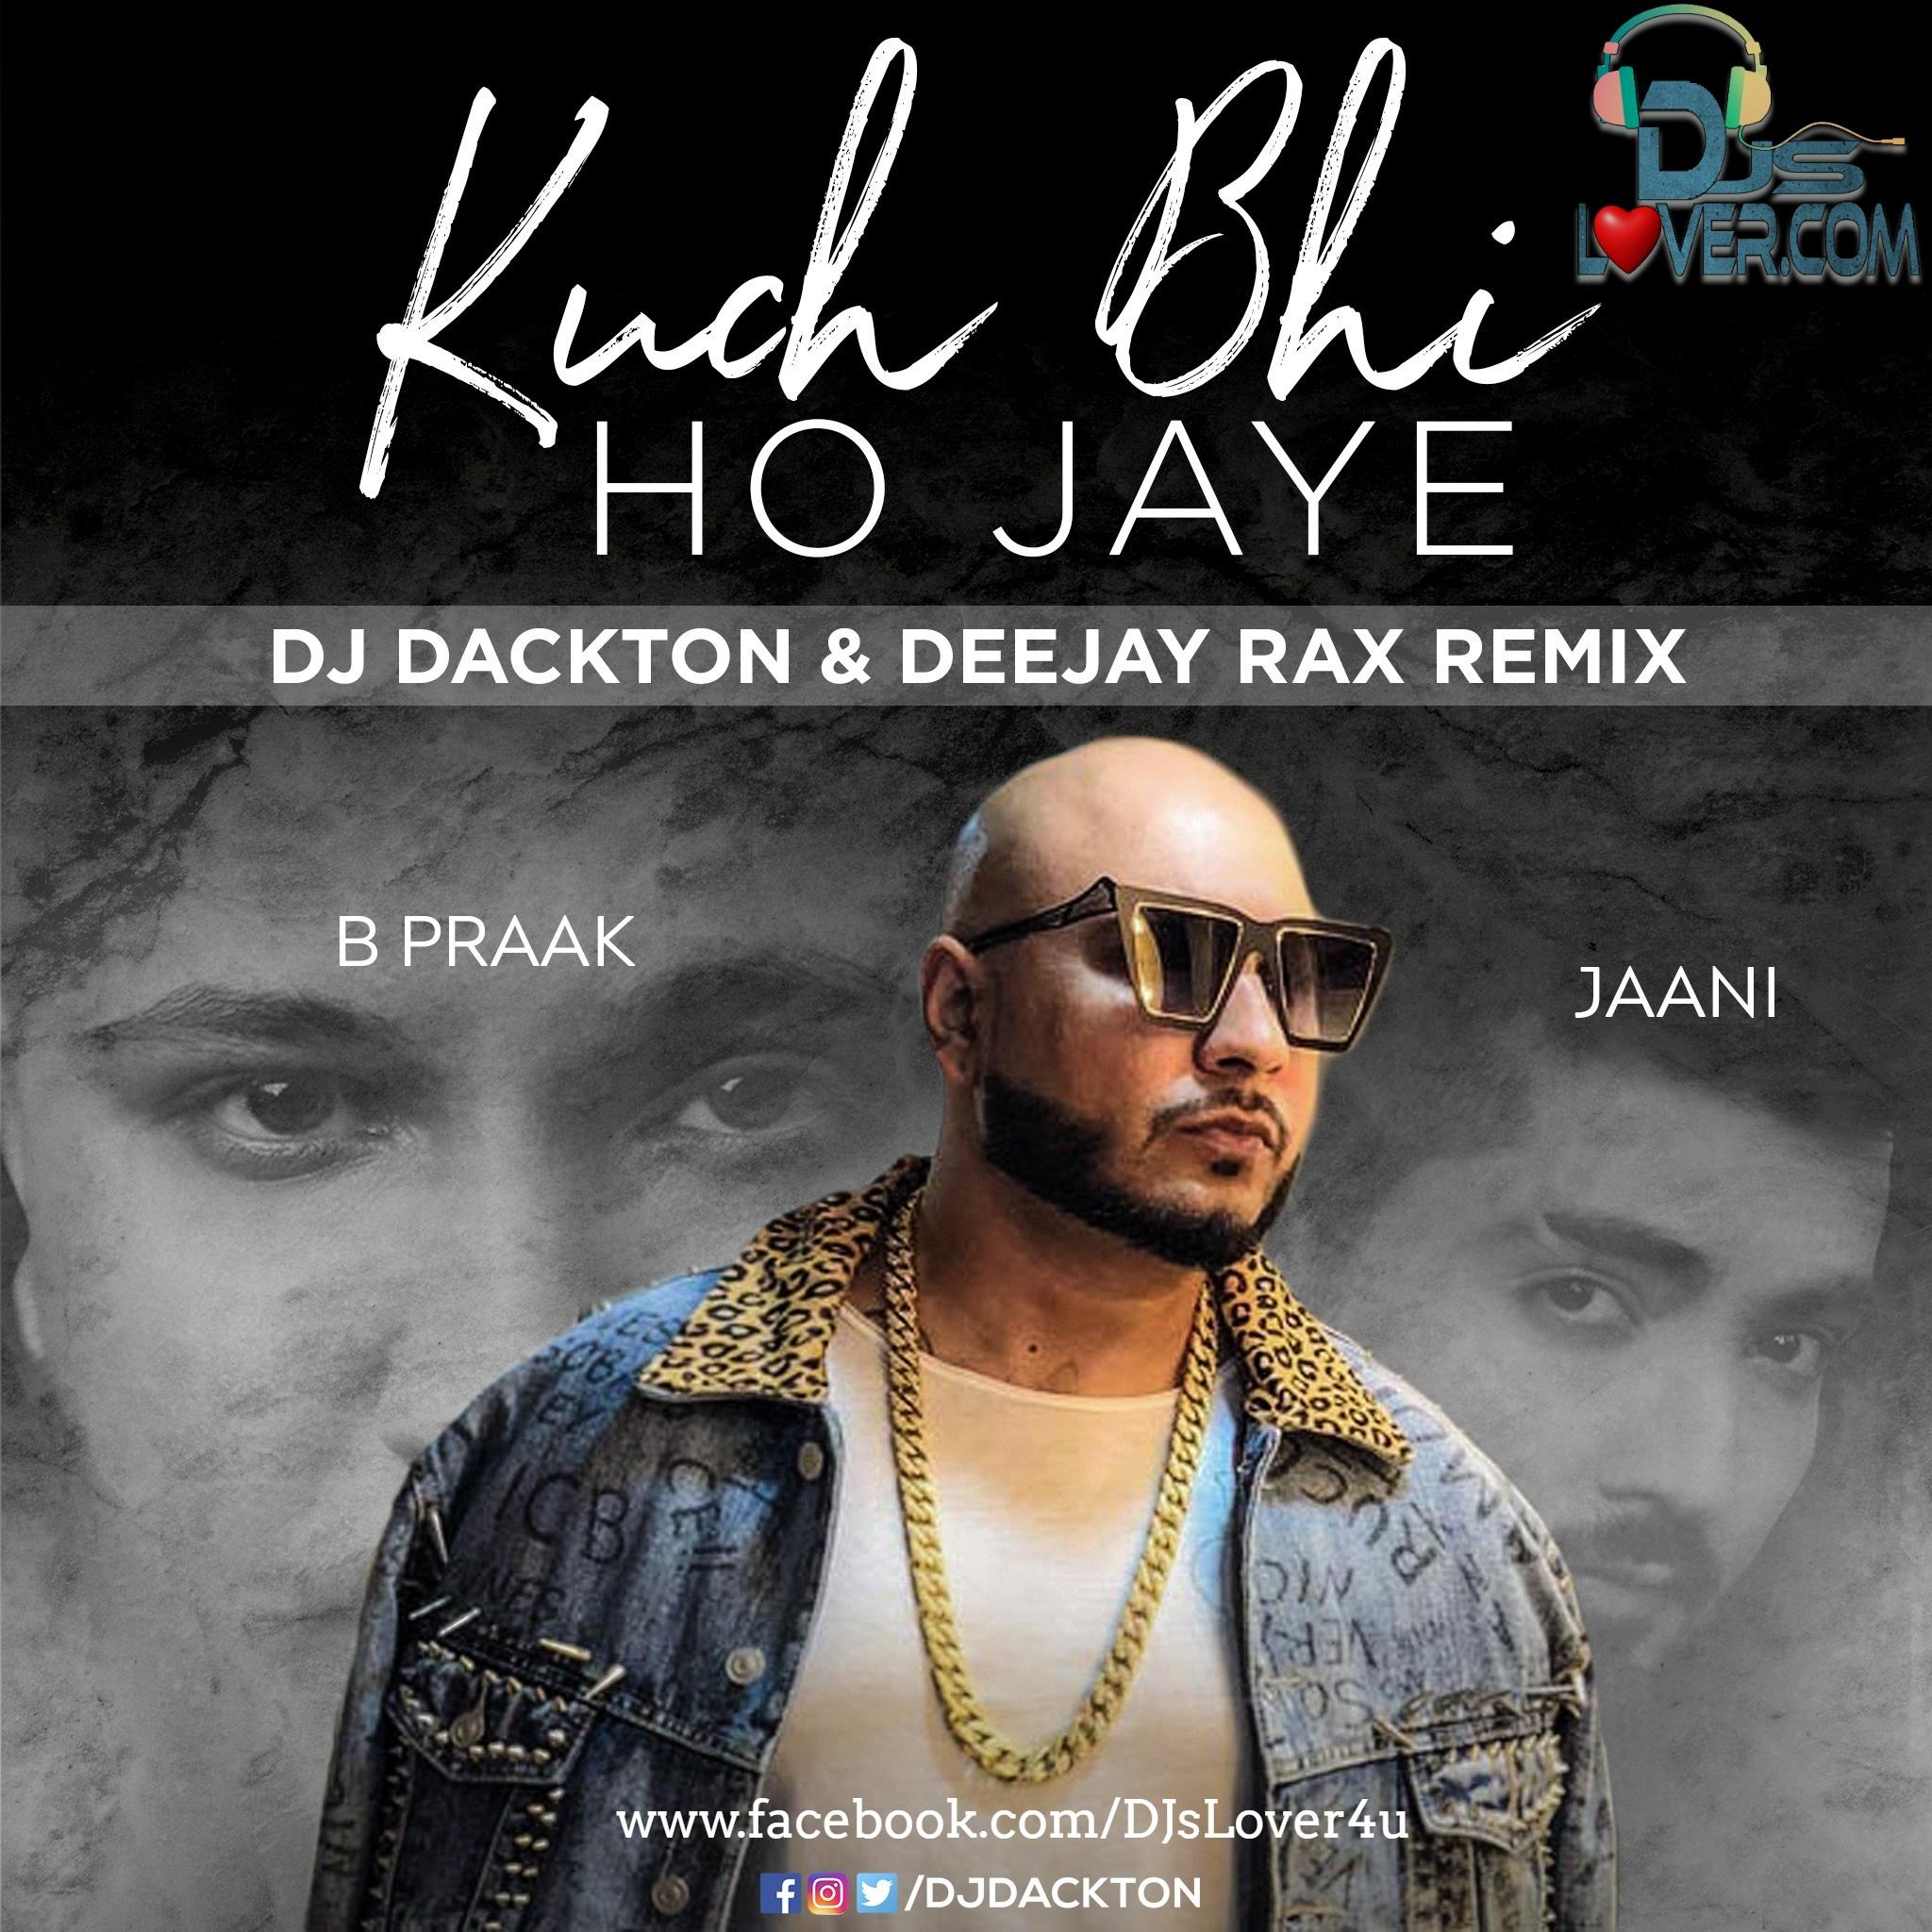 Kuch Bhi Ho Jaye Remix Deejay Rax x DJ Dackton